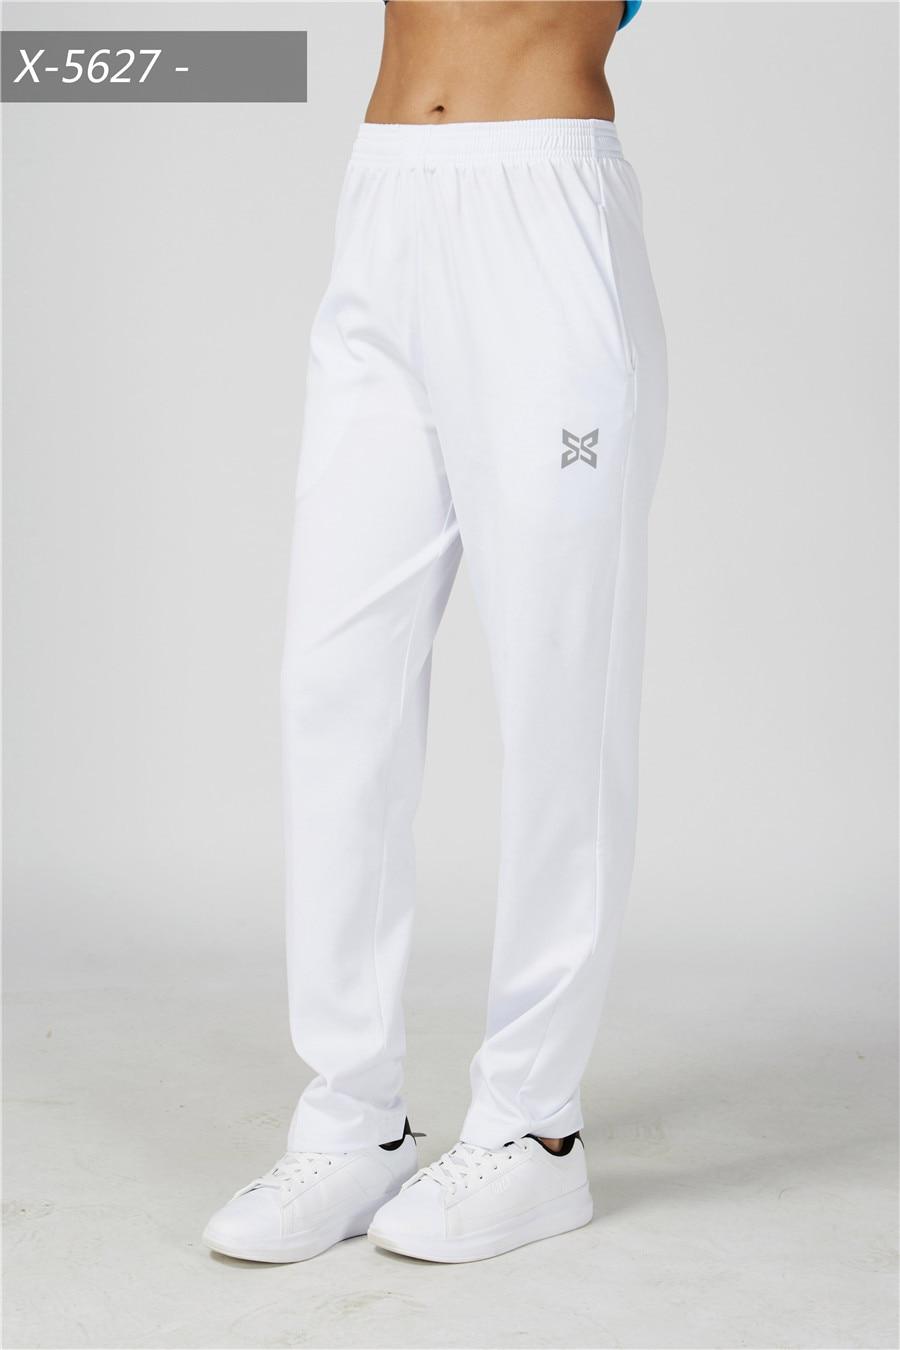 Nueva llegada jogging pantalones de entrenamiento de fútbol para hombres  mallas deportivas para correr gimnasio fitness pantalones para mujer  entrenamiento ... a90329ced422f